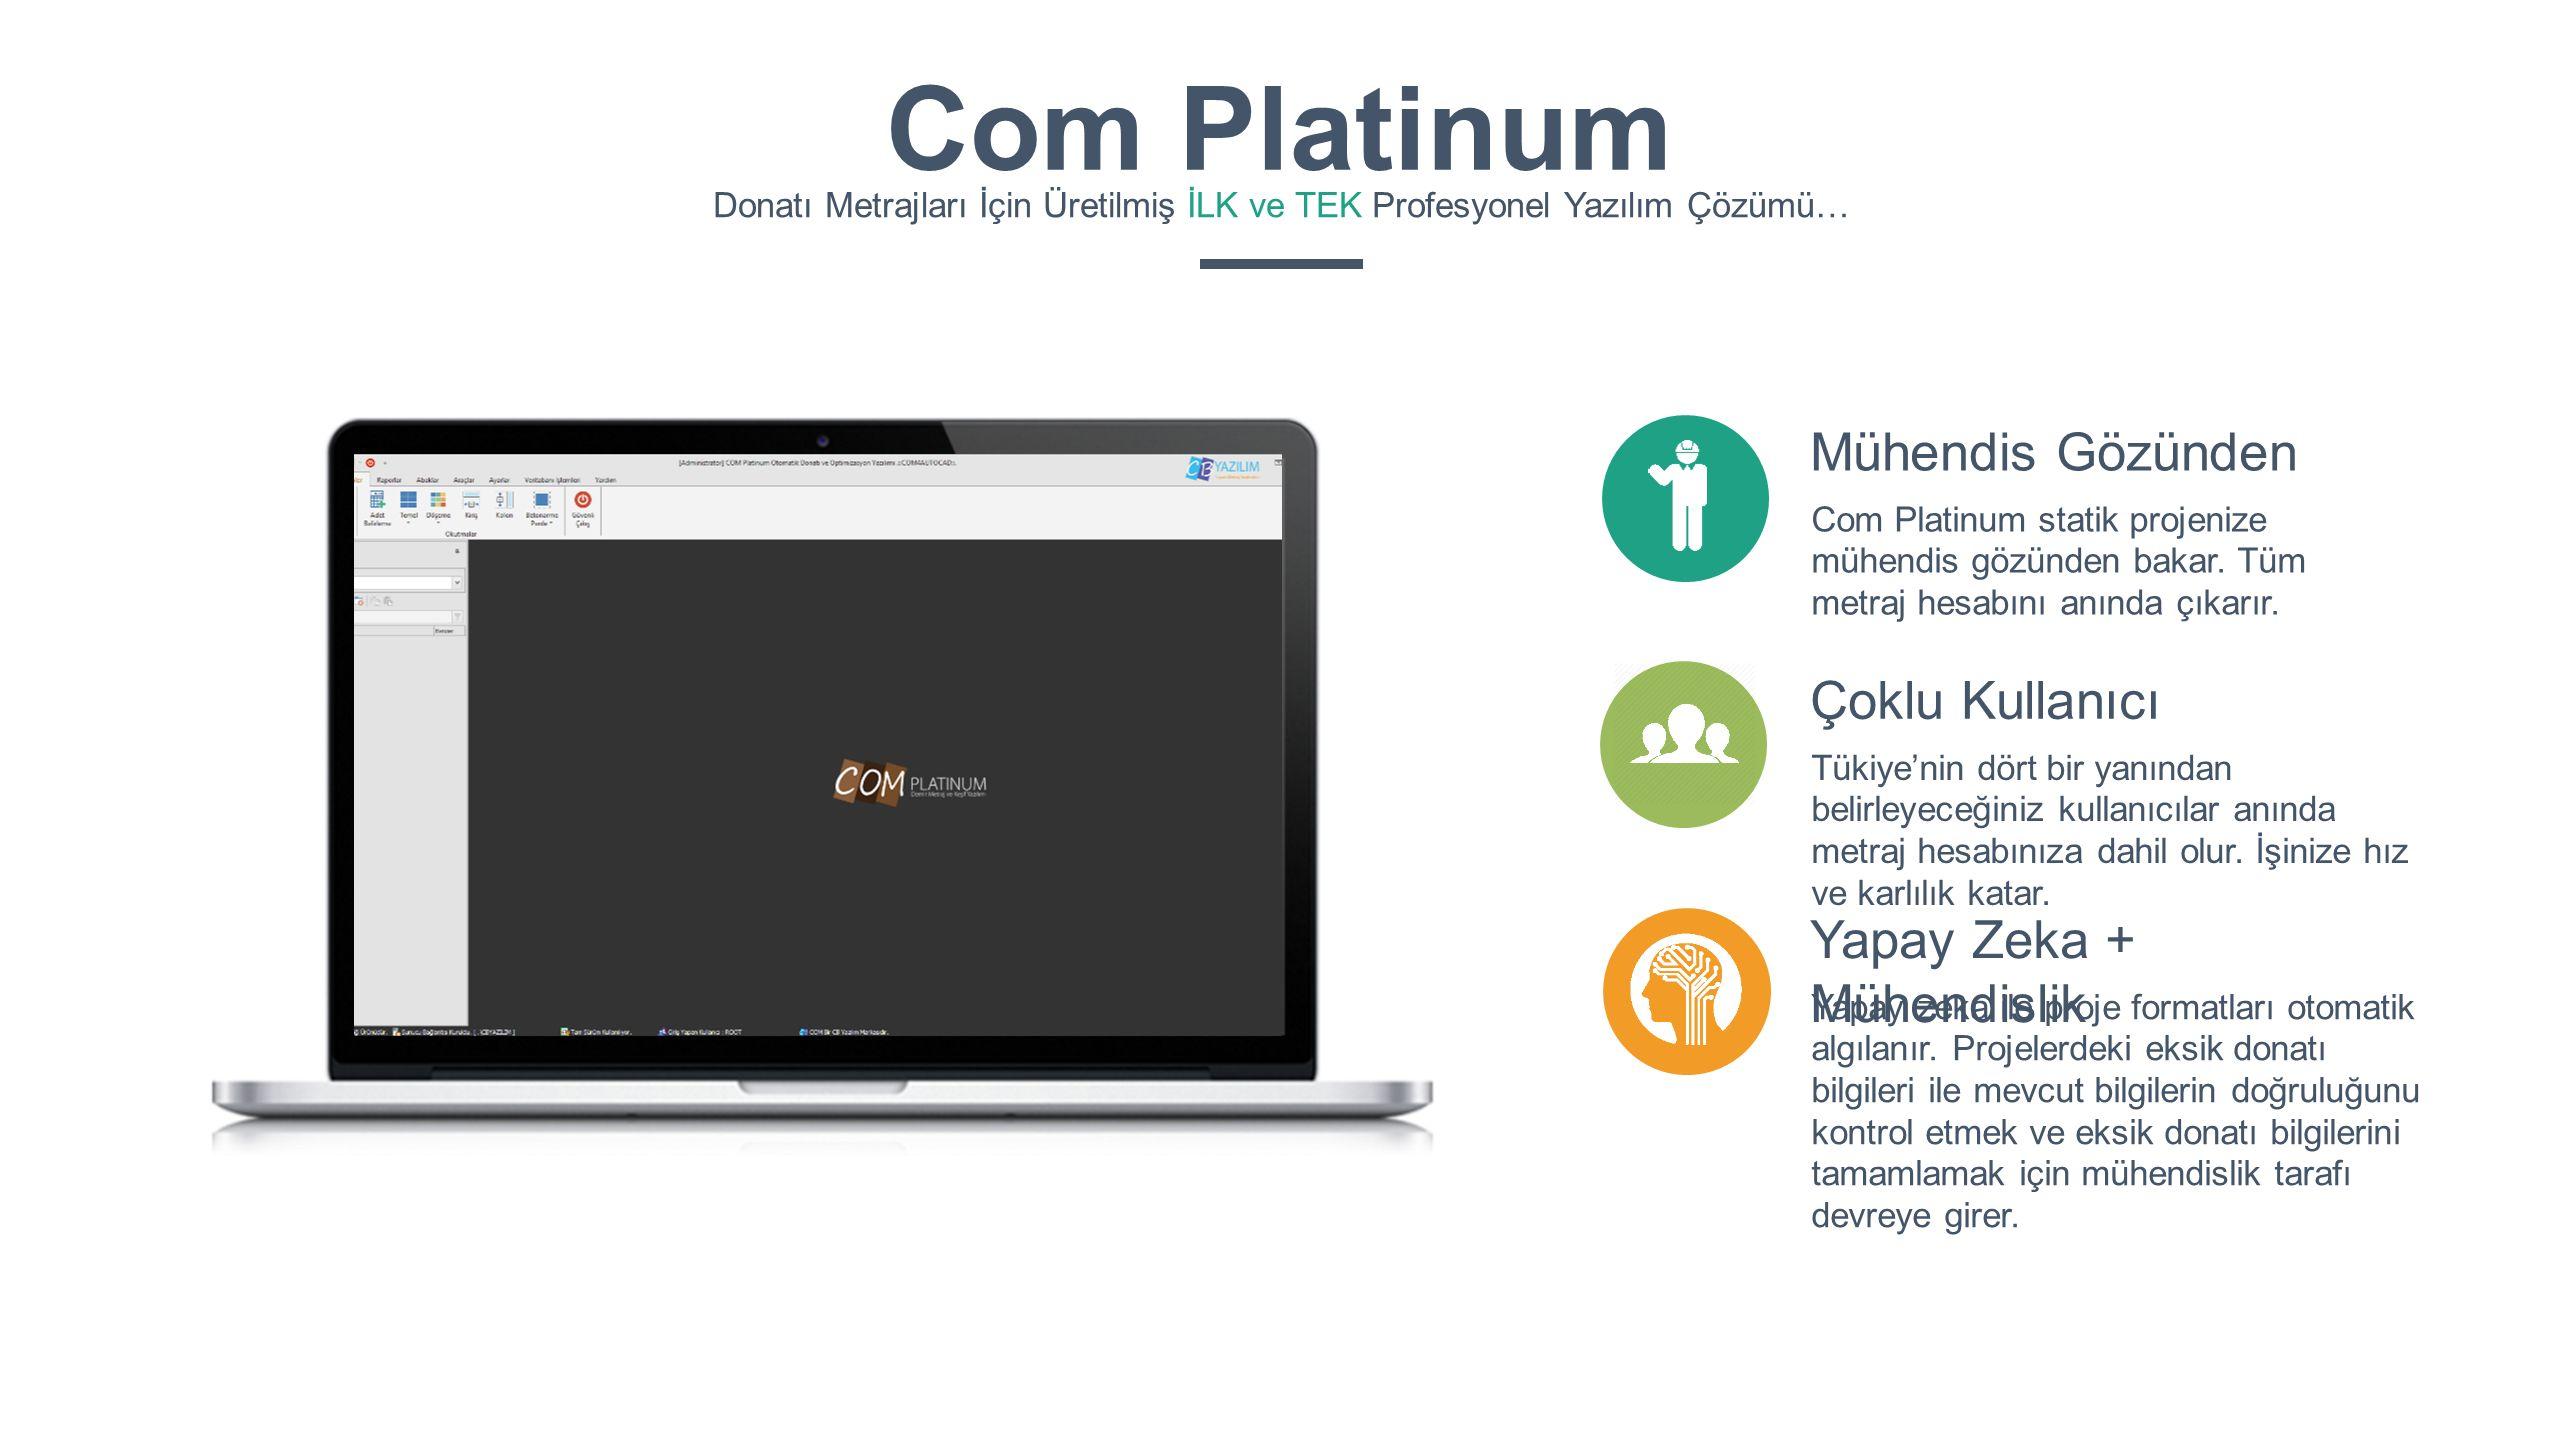 Com Platinum Mühendis Gözünden Çoklu Kullanıcı